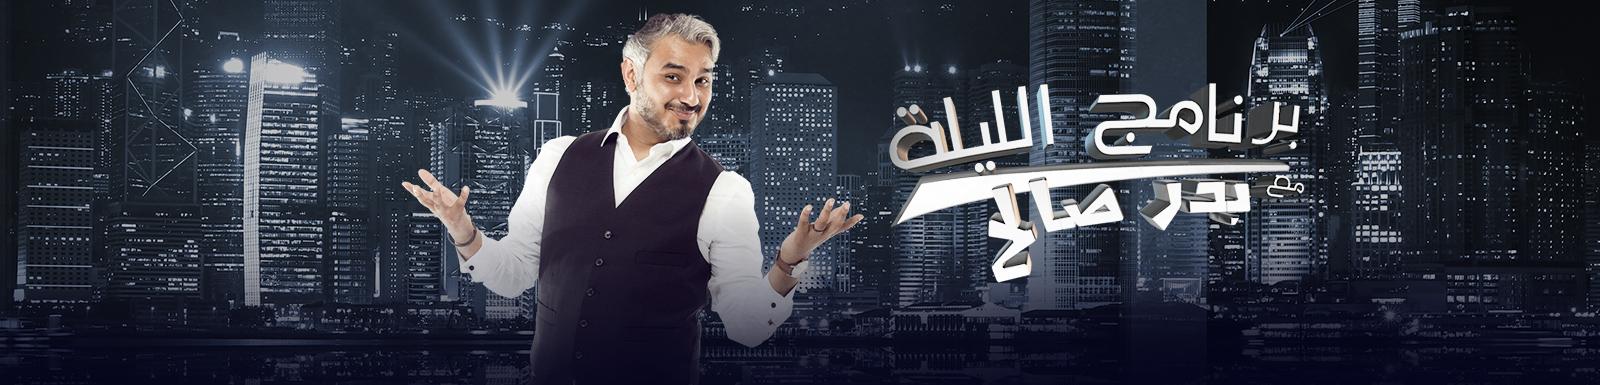 تحميل برنامج الليلة مع بدر صالح الحلقة 1 شاهد نت 2016